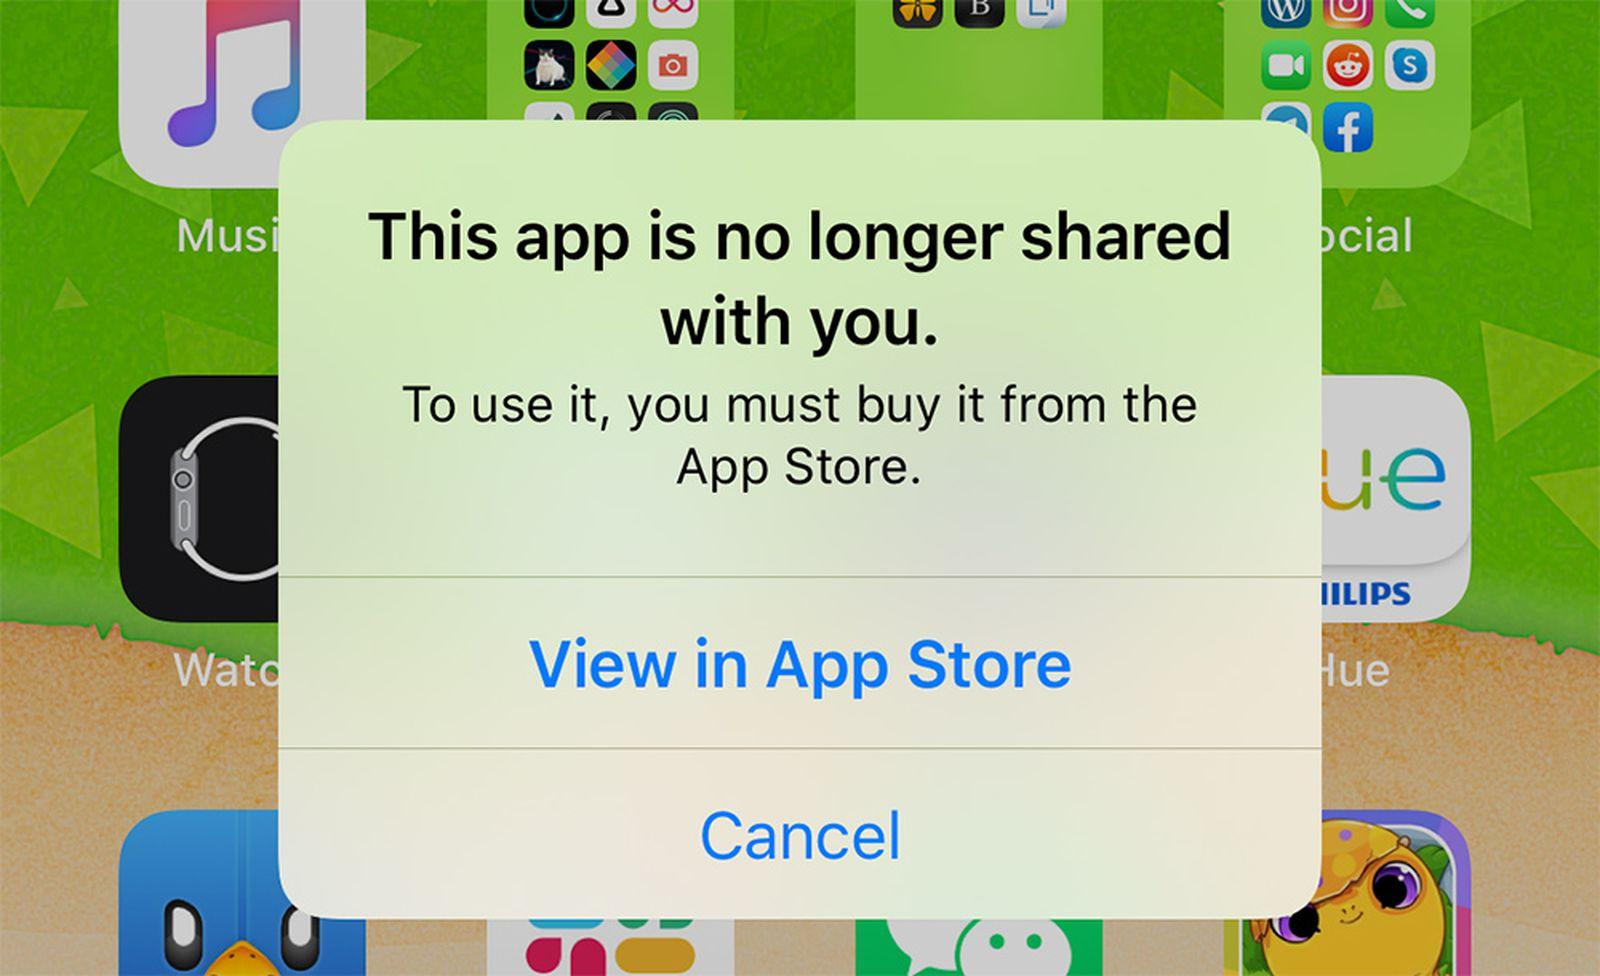 Apple исправила ошибку открытия приложений в iOS 13.5. Теперь всё работает